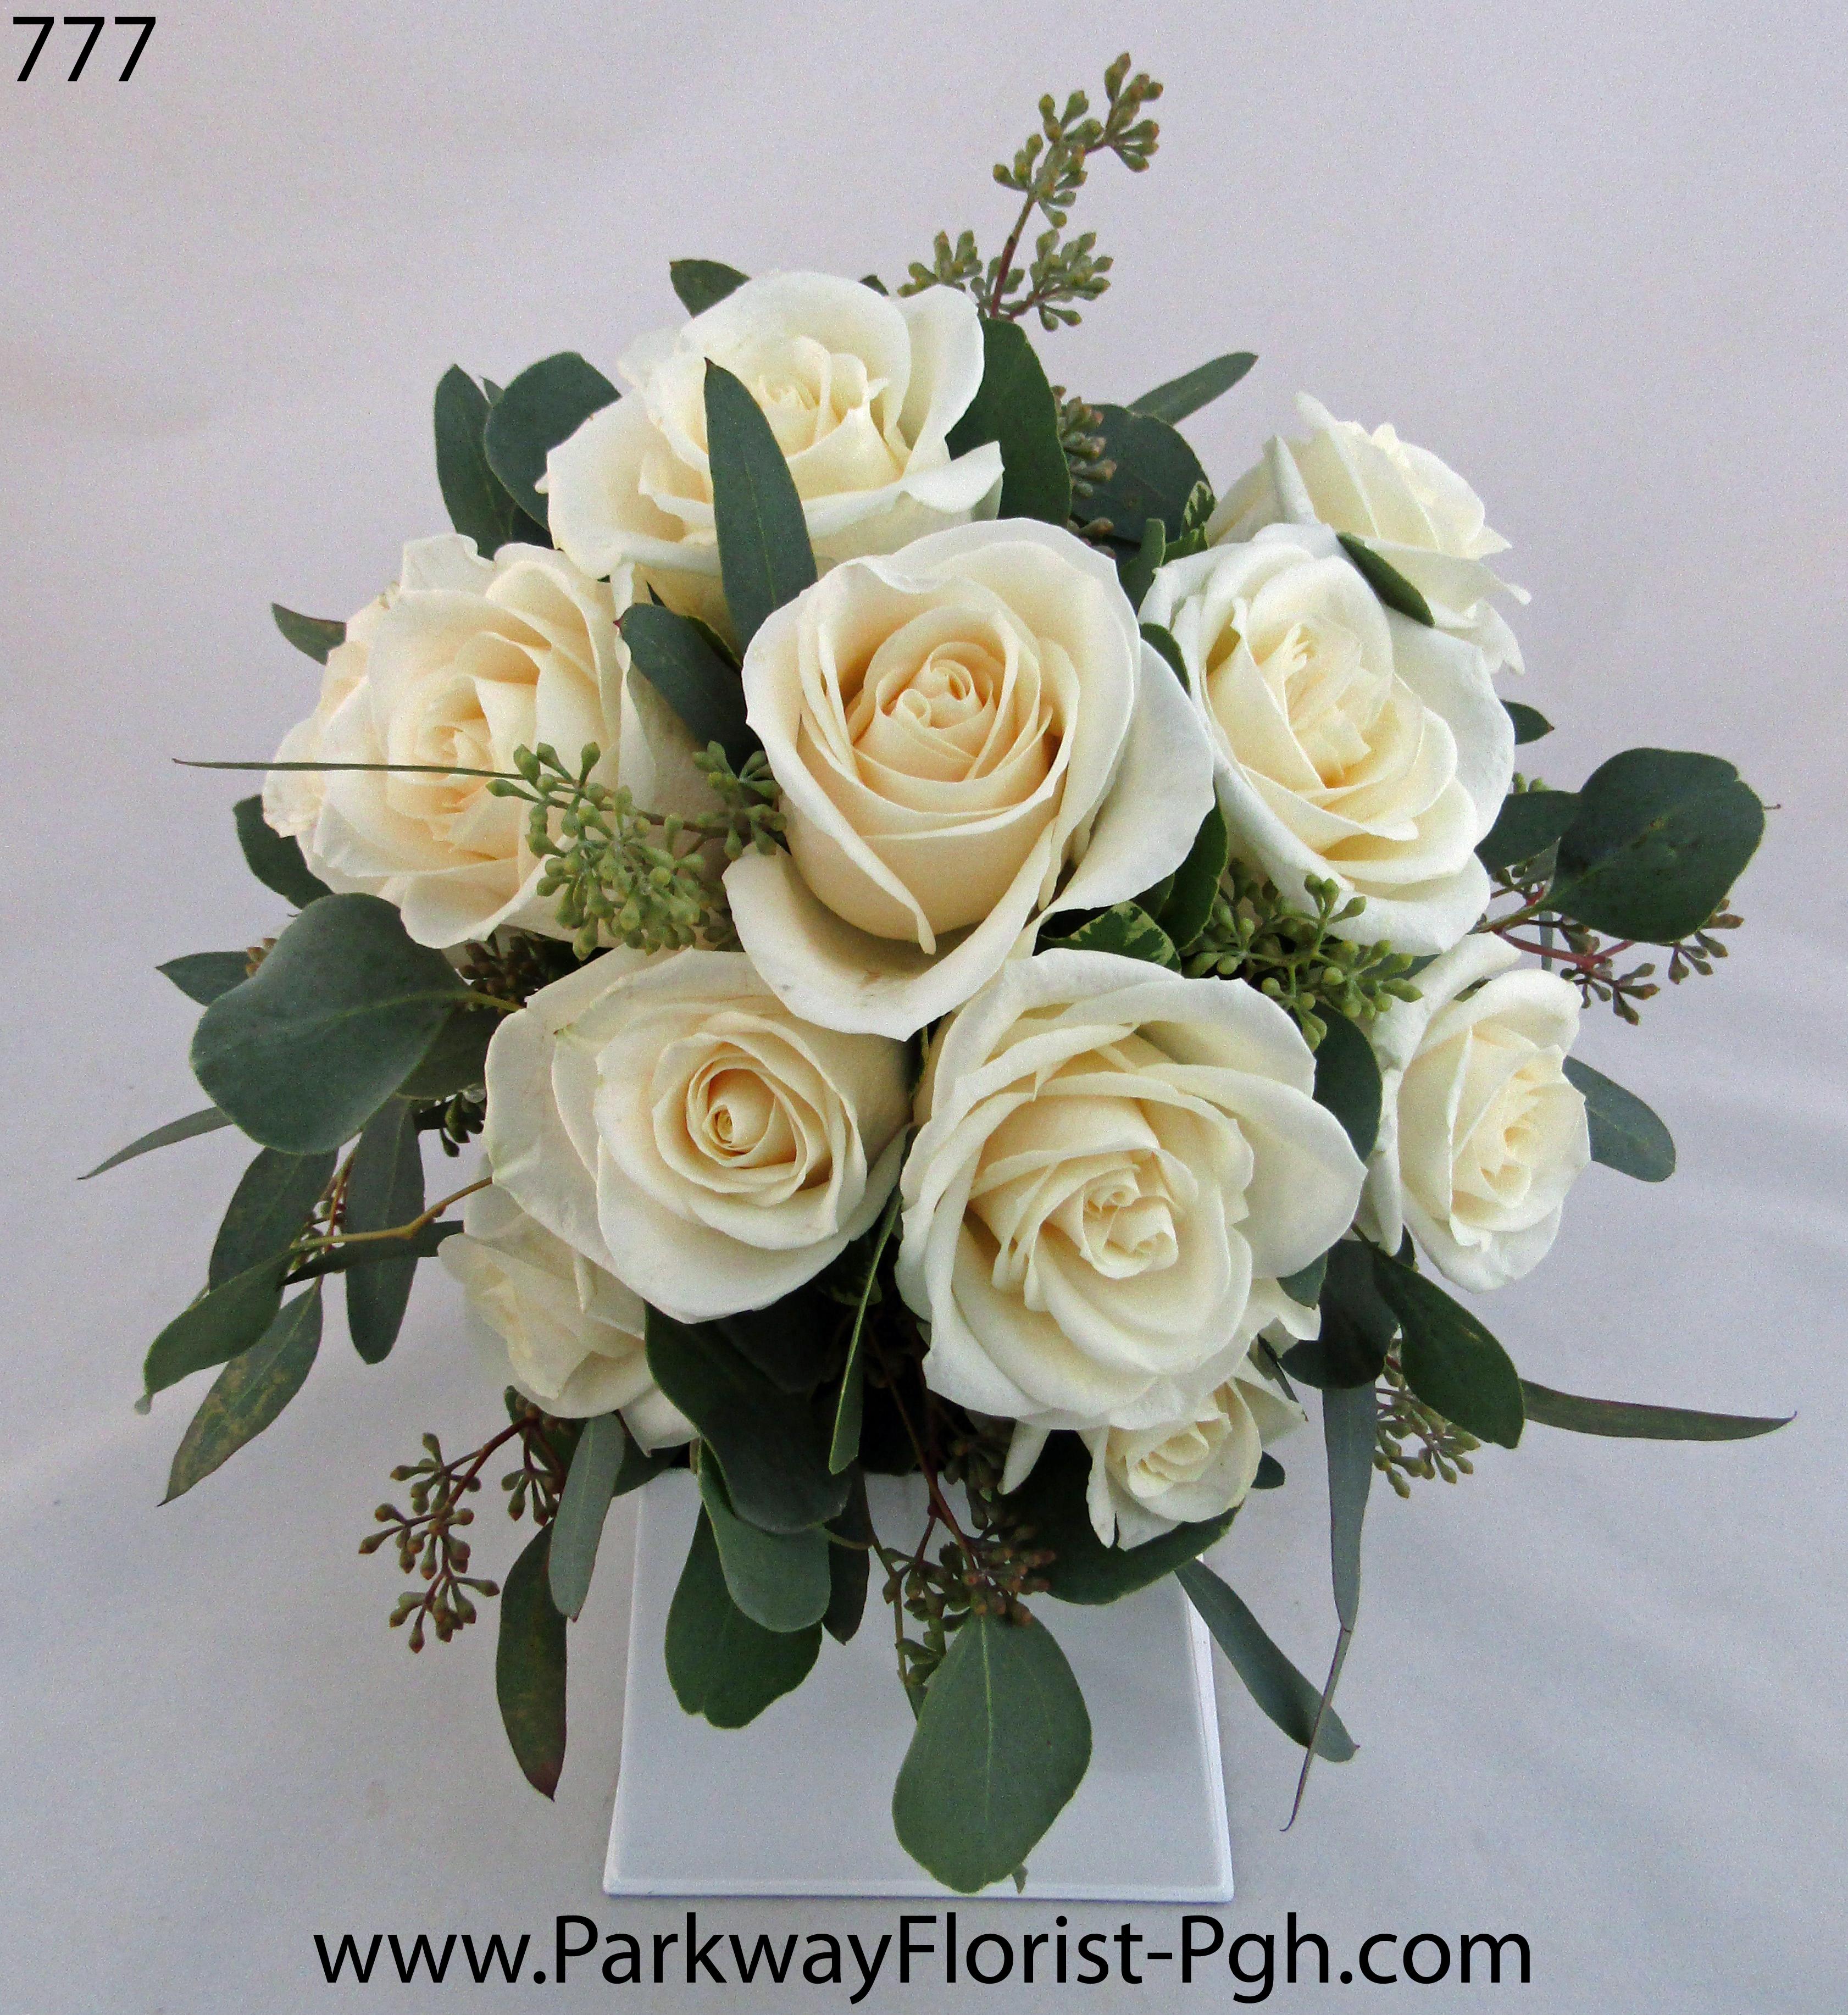 pittsburgh wedding flowers | Parkway Florist Pittsburgh Blog